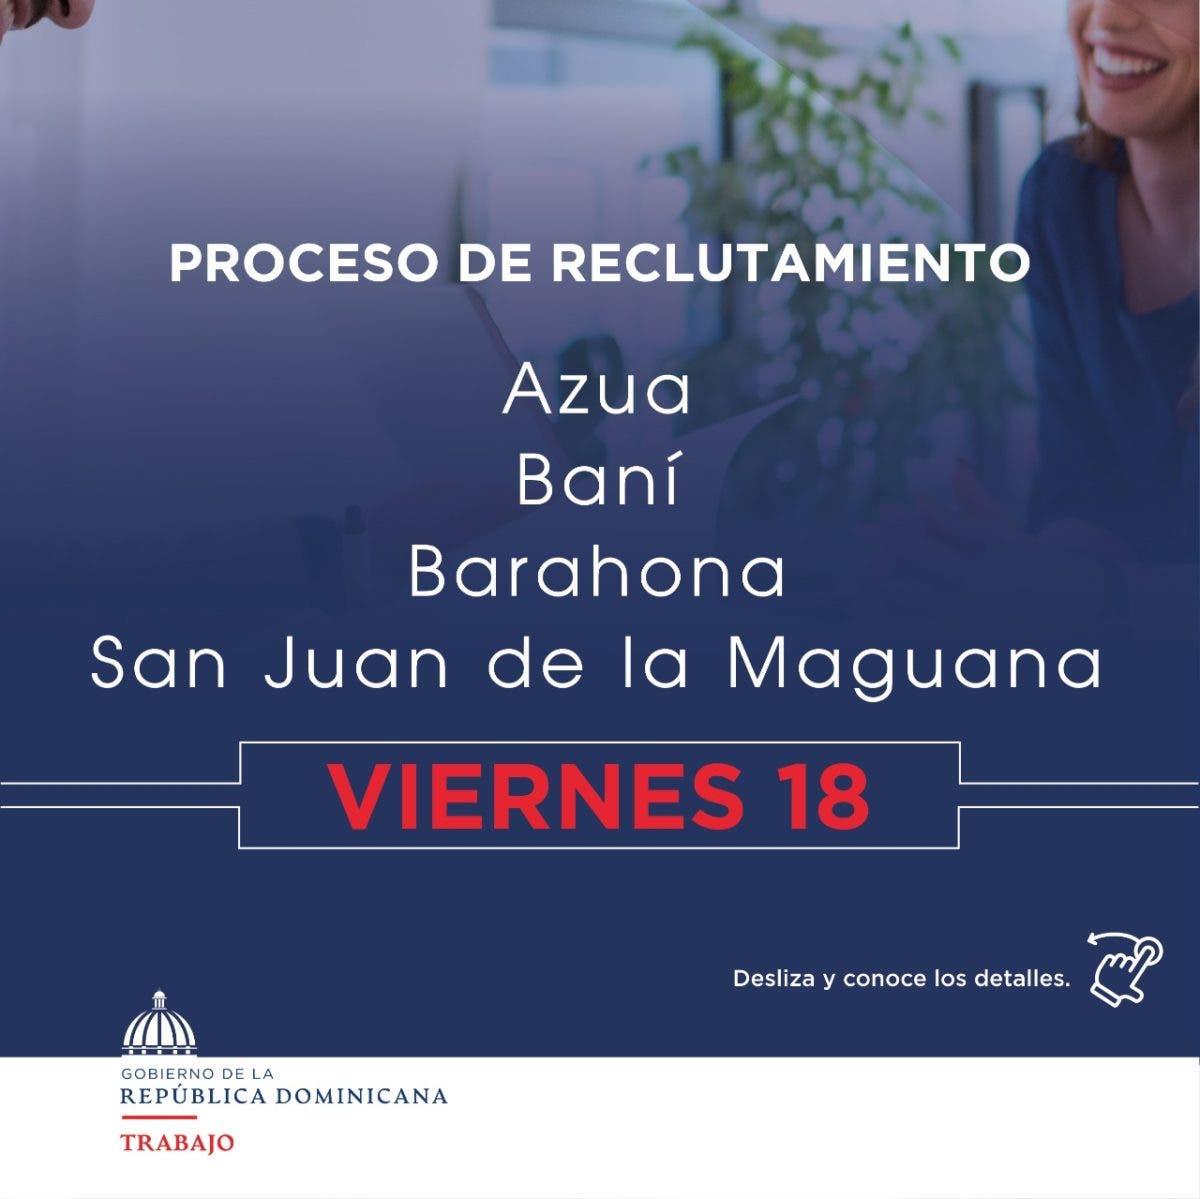 ¿Estás buscando Trabajo? Ministerio invita a reclutamiento en Azua, Baní, Barahona y SJ